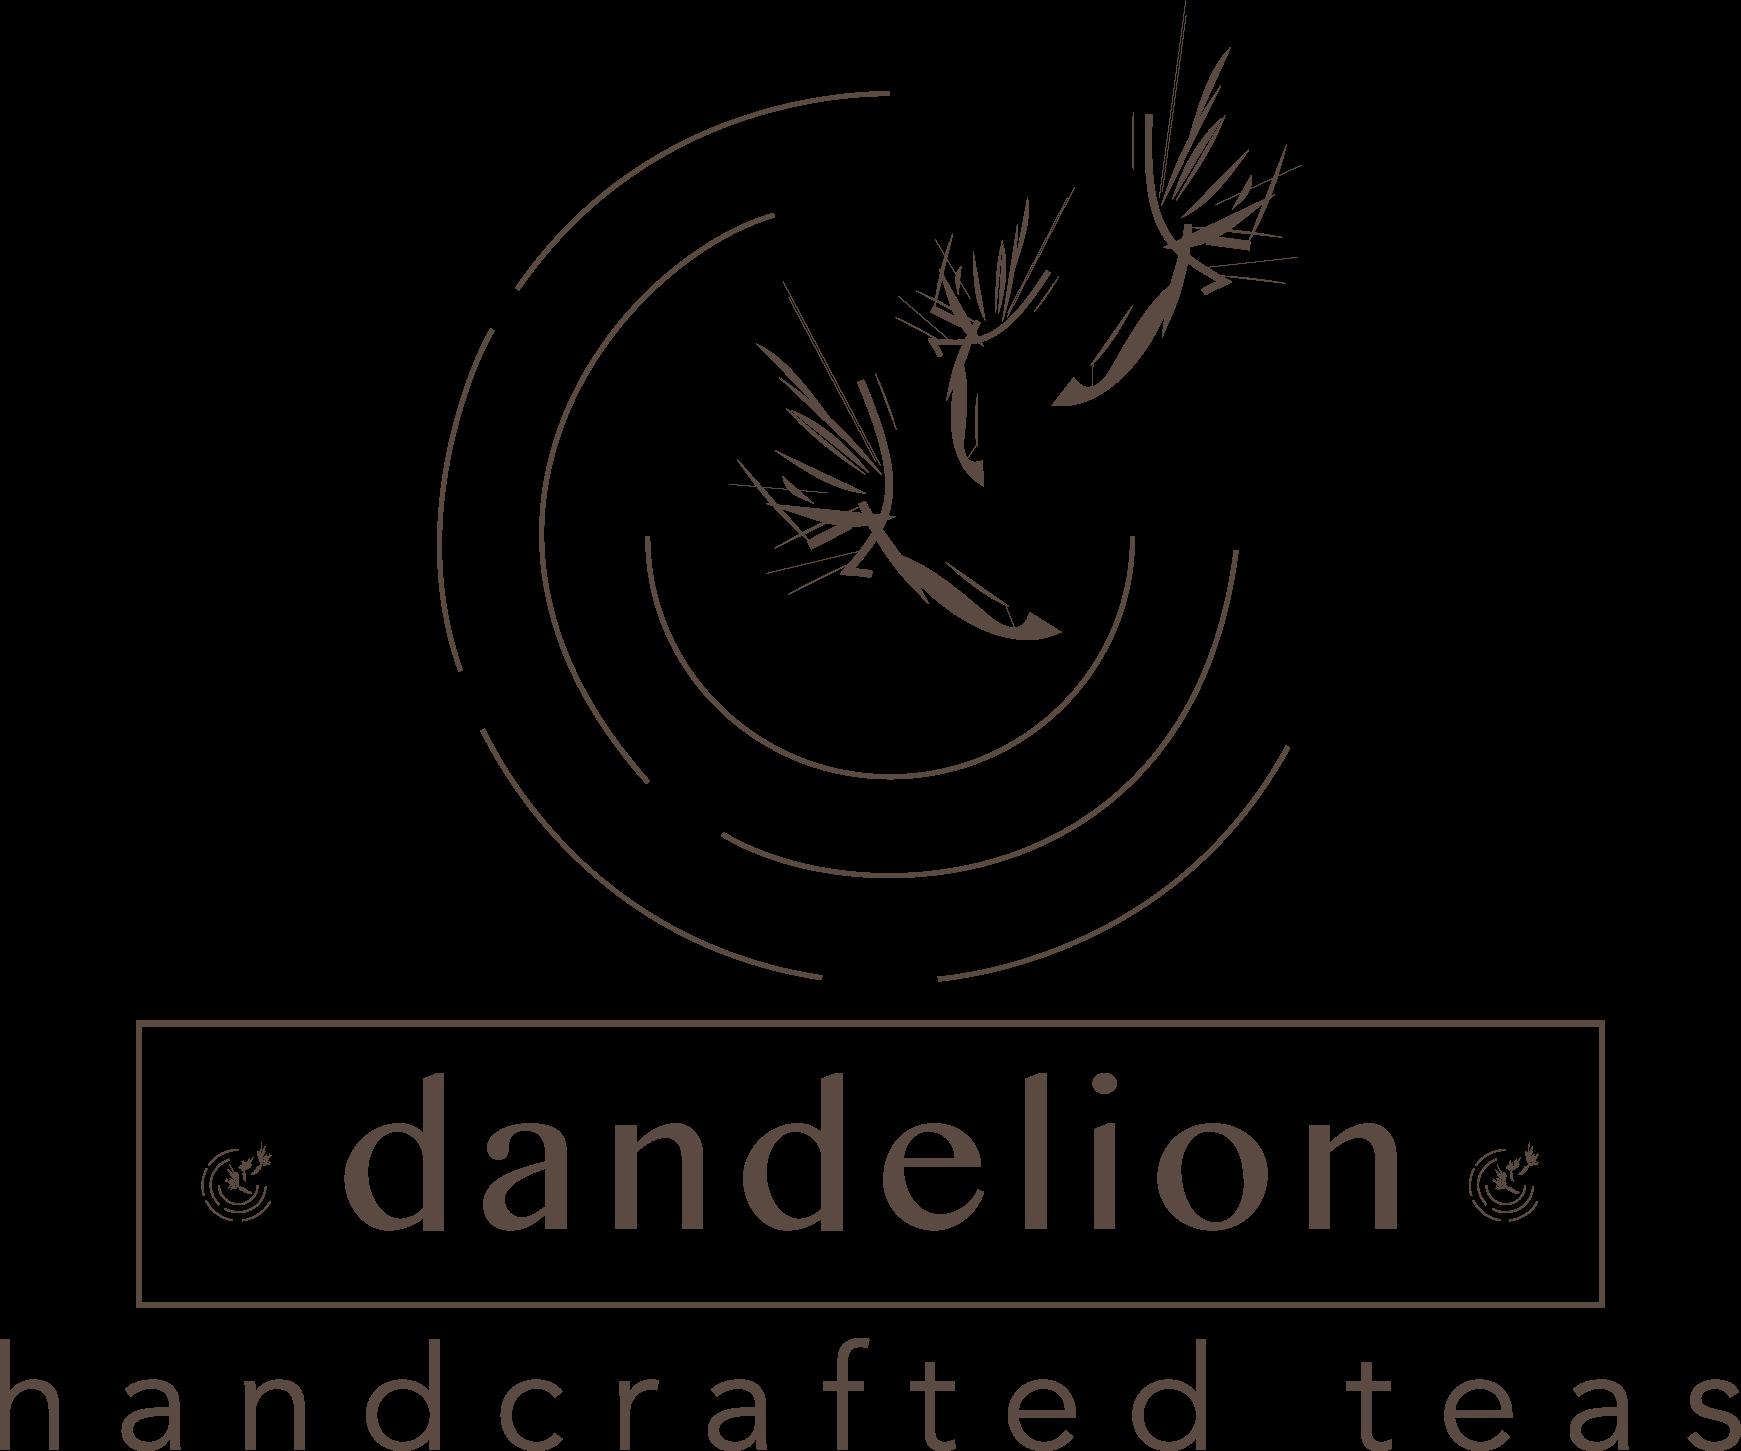 Dandelion Handcrafted Tea